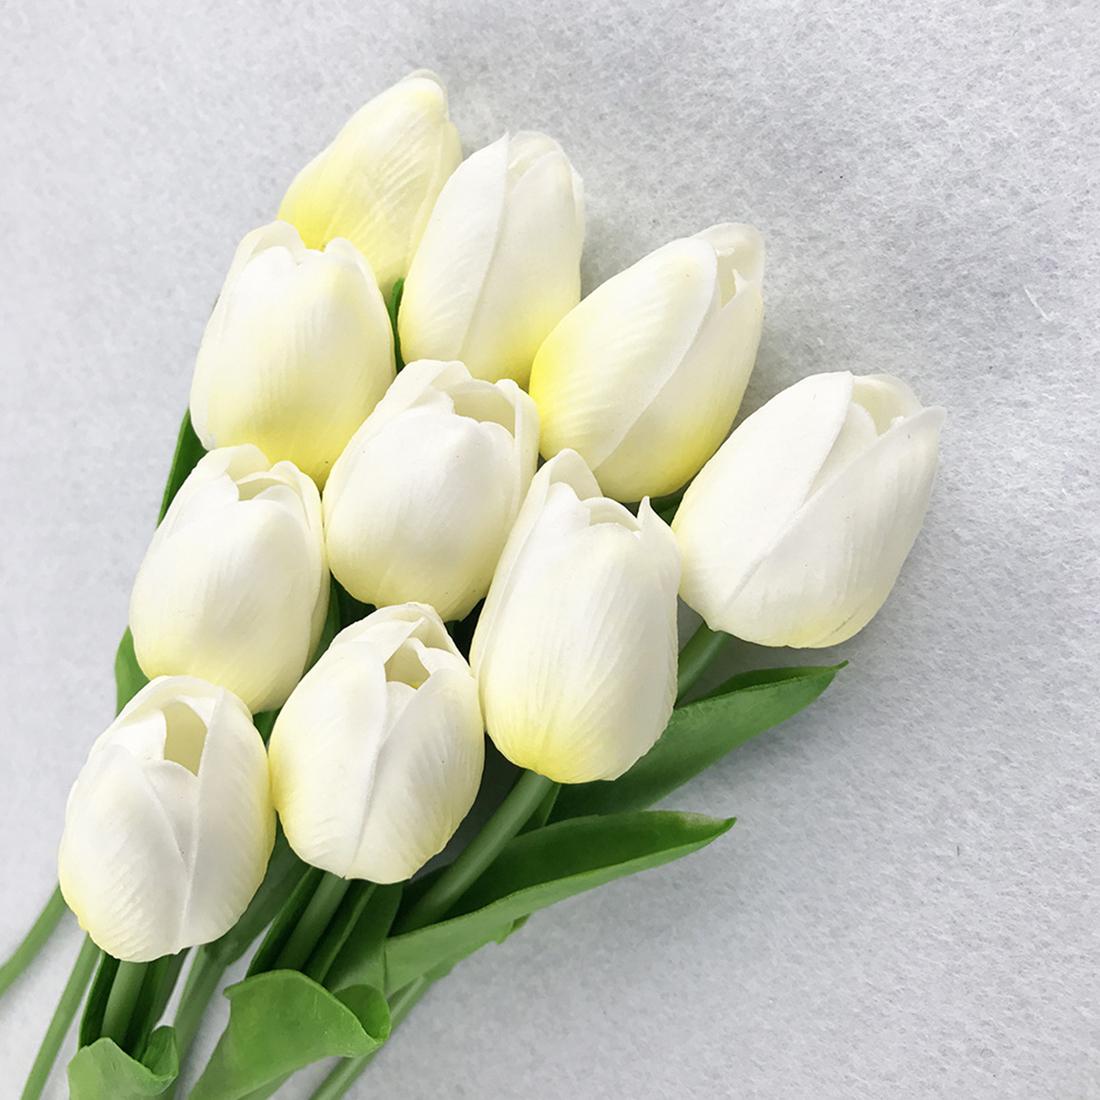 tulip-photo-185